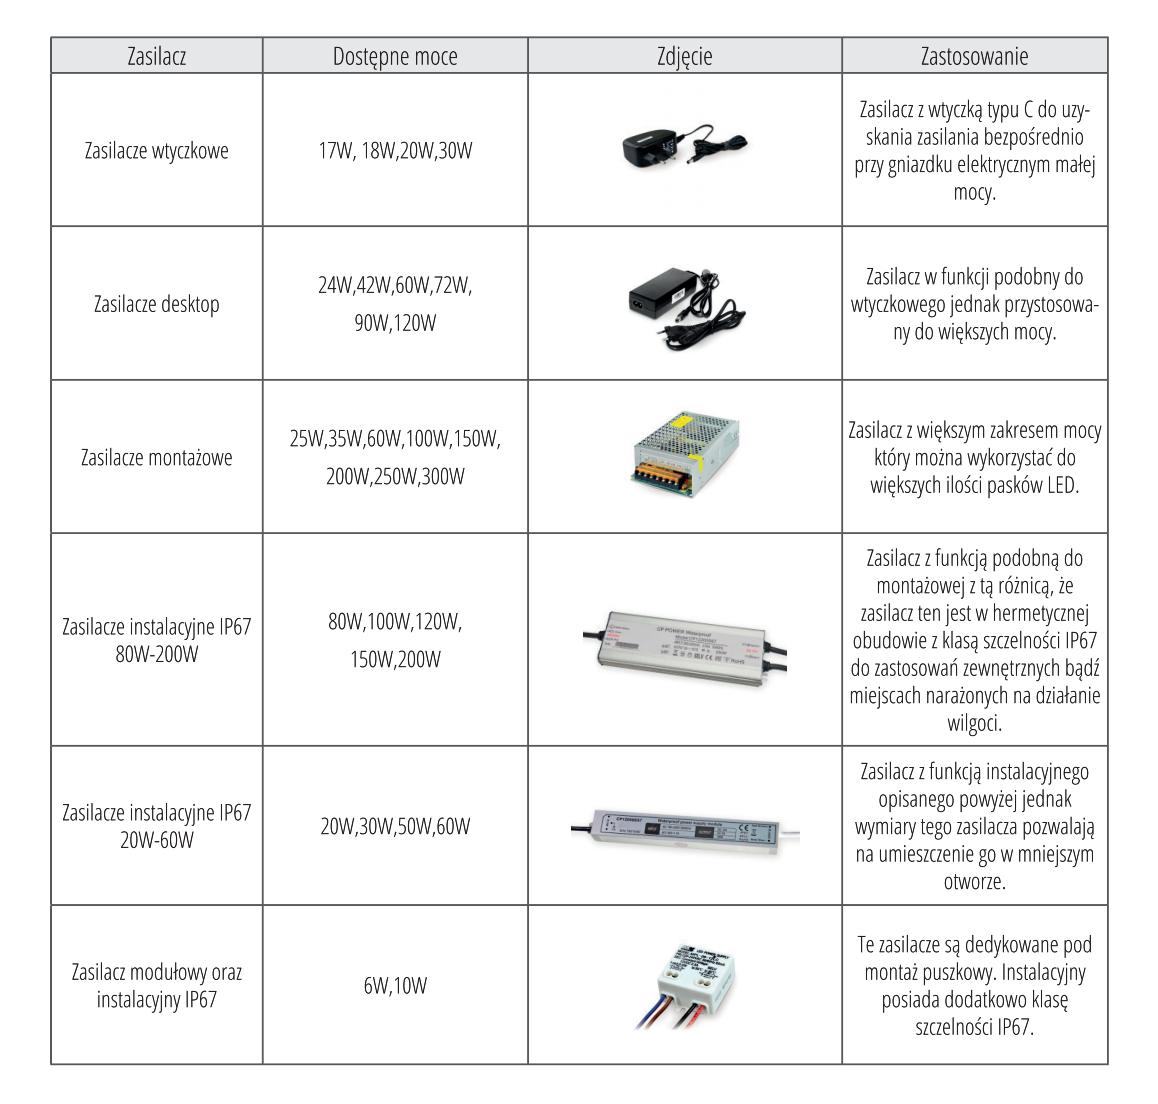 Tabela Zestawienie Zasilaczy do Taśm LED